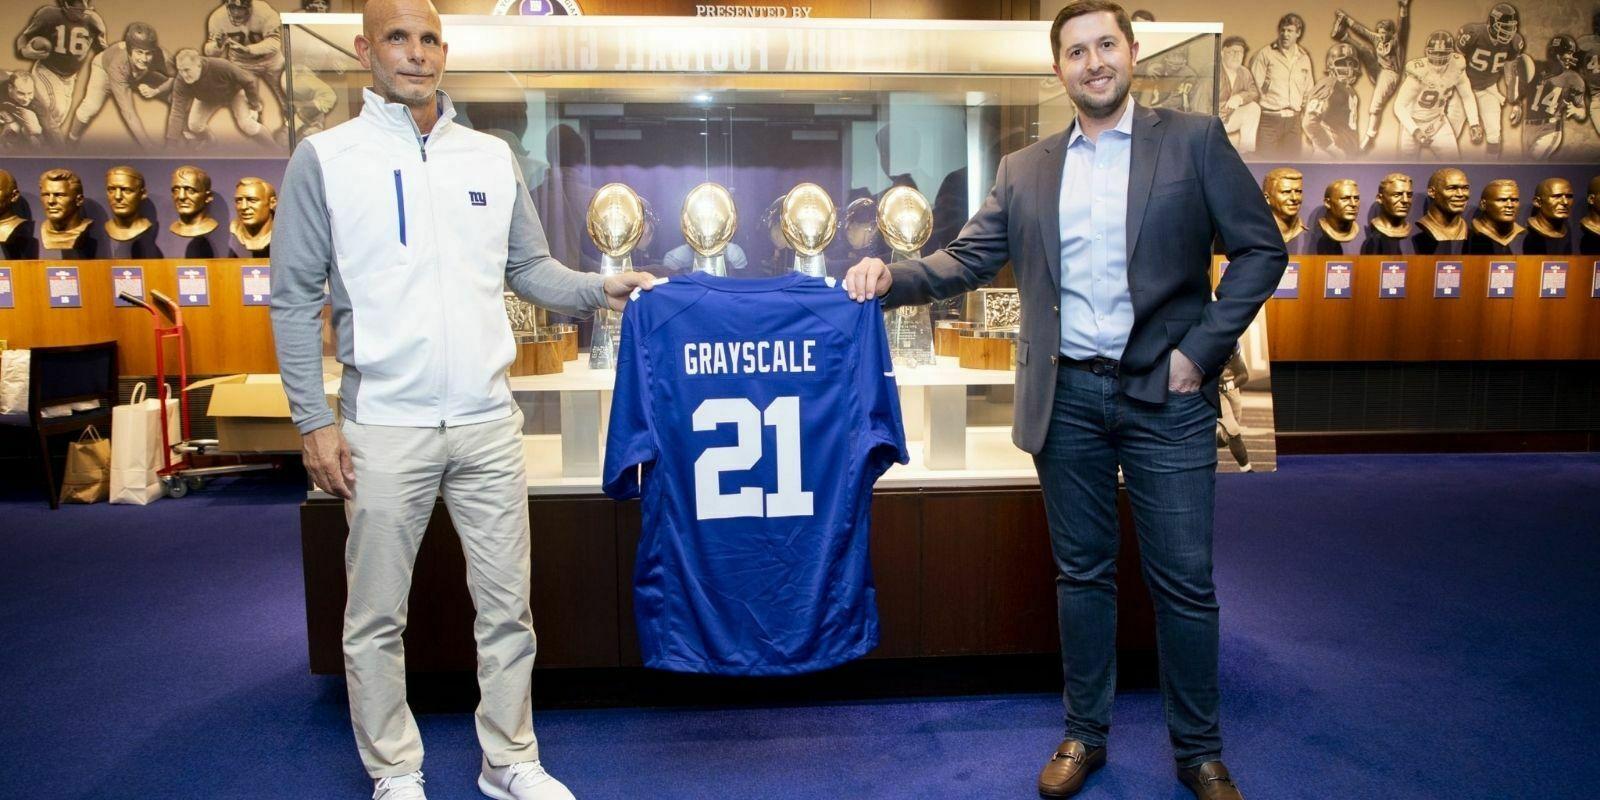 Grayscale signe un partenariat avec la franchise NFL des Giants de New York